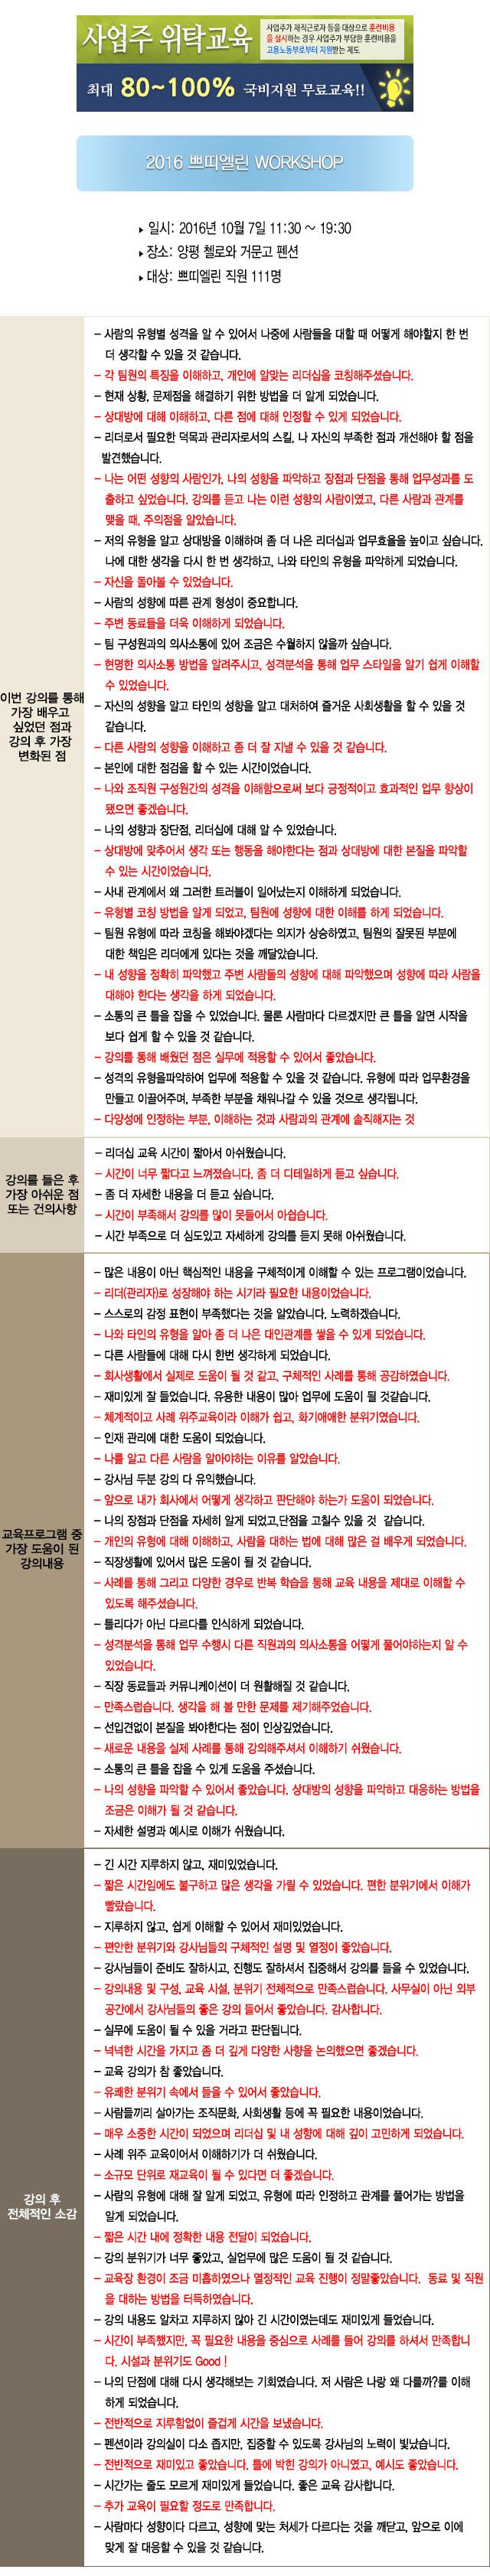 한국중앙인재개발원 후기 쁘띠엘린.jpg